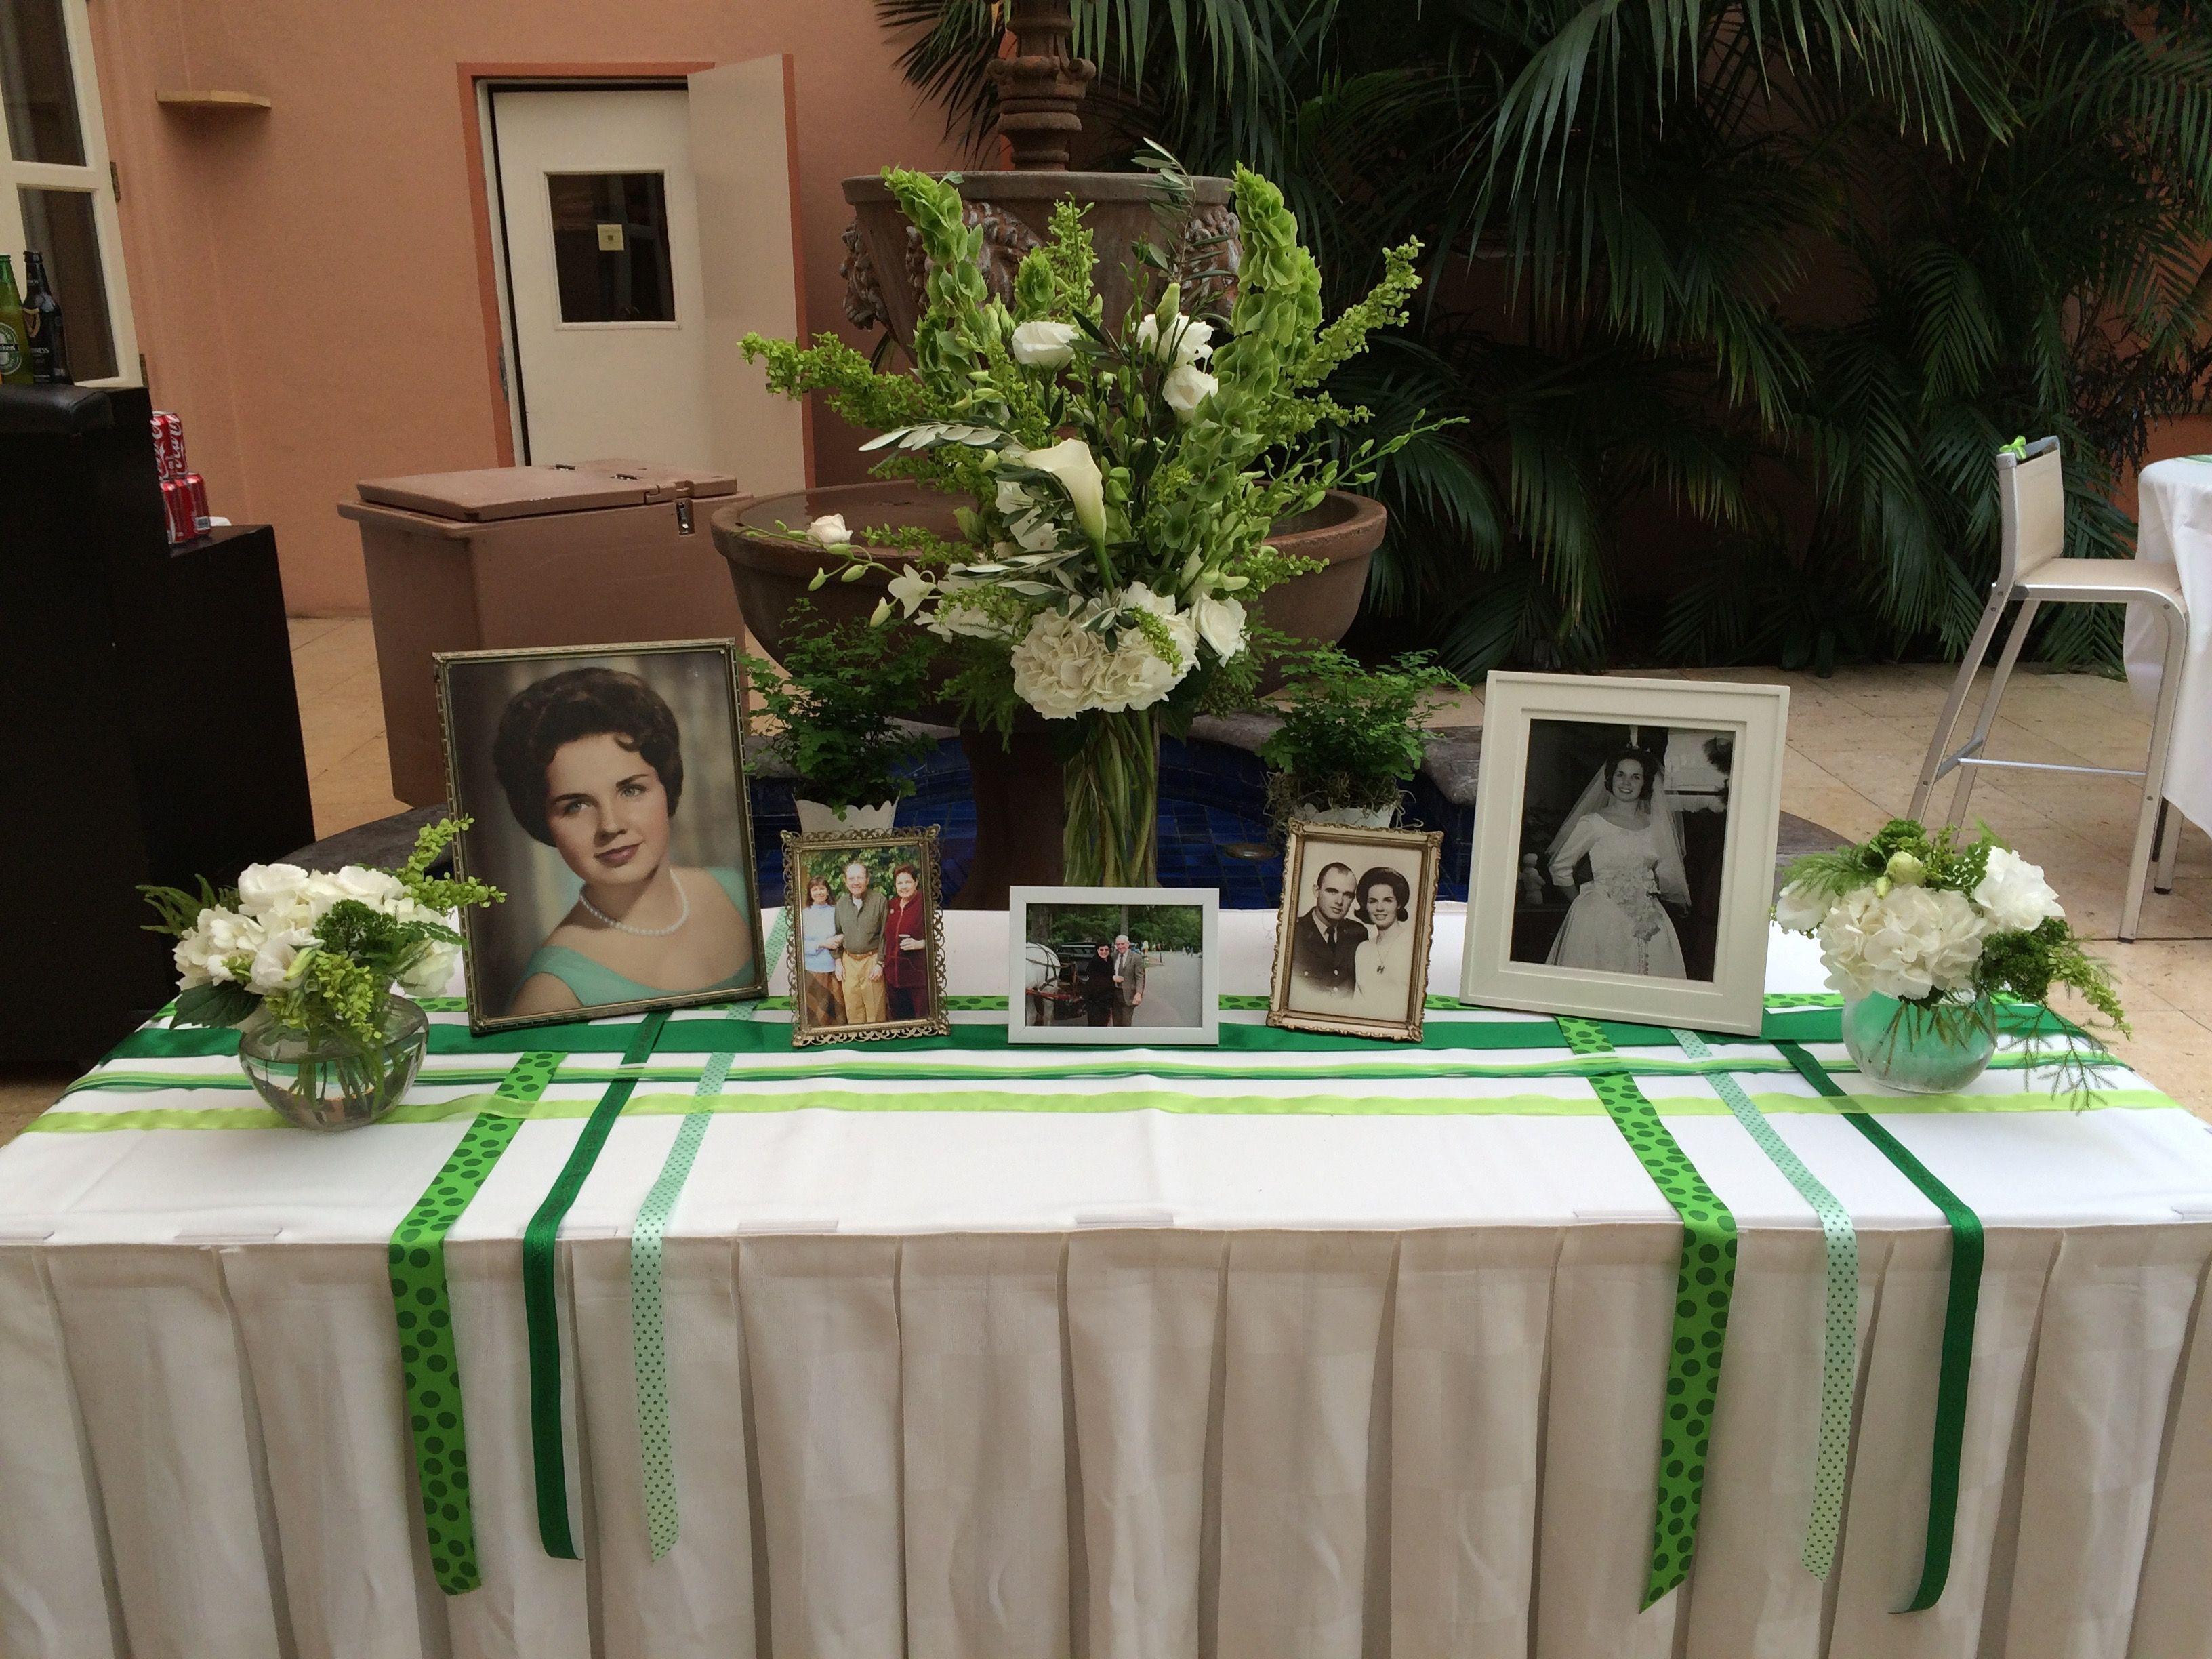 Irish wake funeral ideas pinterest memories funeral and irish wake funeral reception funeral etiquette funeral memorial wedding memorial funeral flowers izmirmasajfo